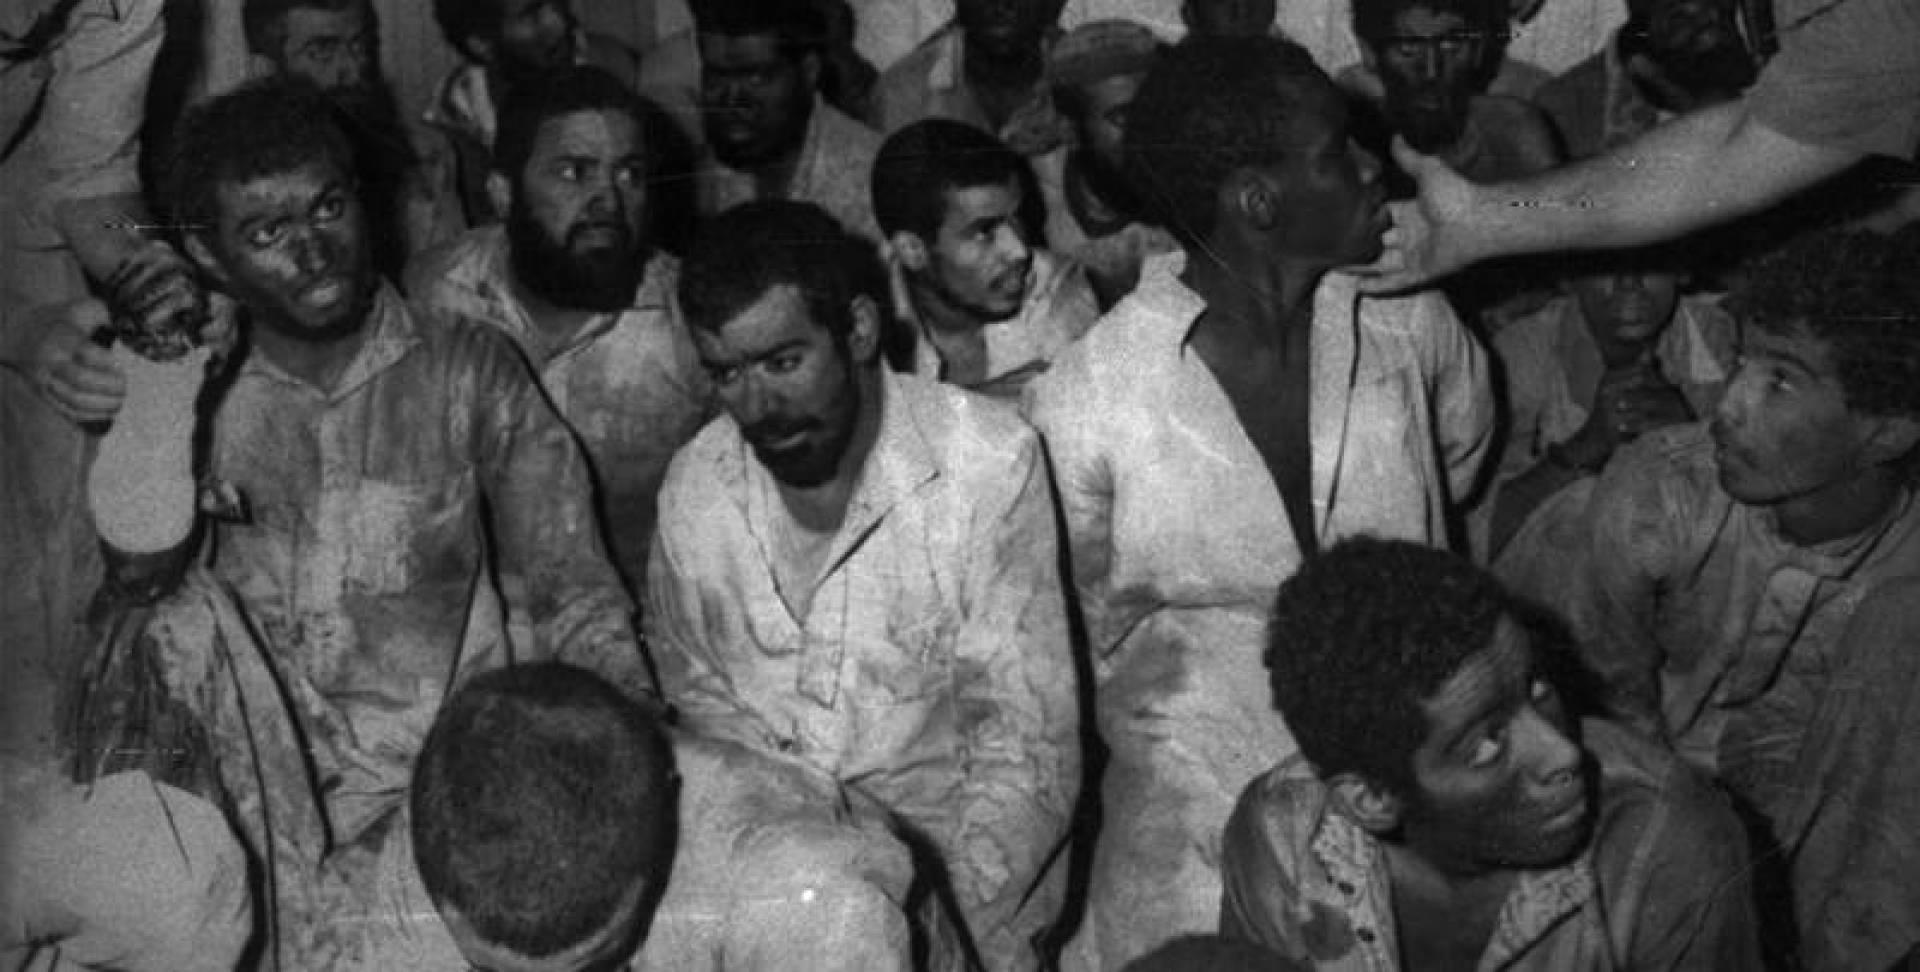 مجموعة من المسلحين الذين أعدموا بعد إدانتهم.. أرشيفية